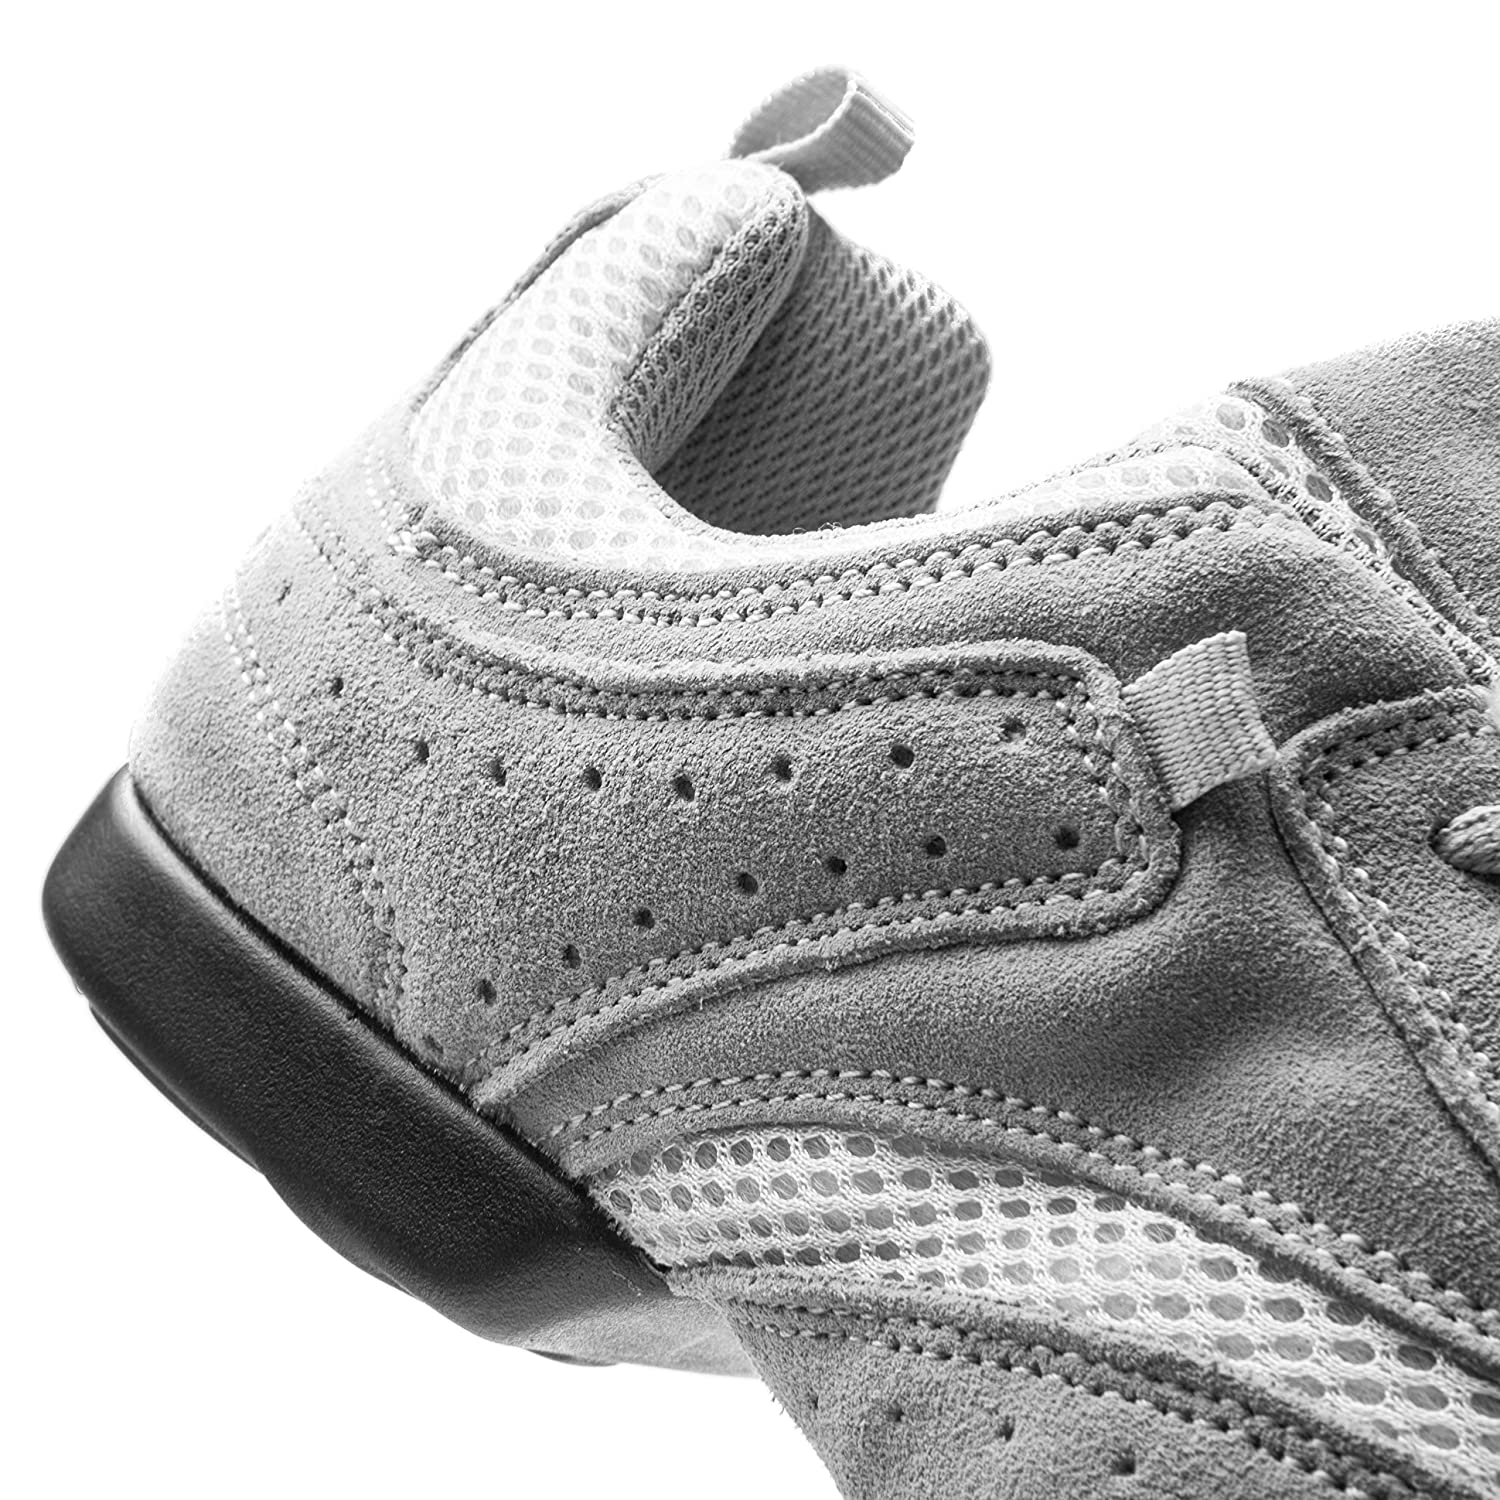 Rumpf 1566 scarpe da ginnastica ginnastica ginnastica Nero Scarpe Danza Hop Hop Lindy Ginnastica Line Dance Sport Esportivo Fitness Allenamento Suola Spezzata Suola Bufala colore grigia 56eeb6